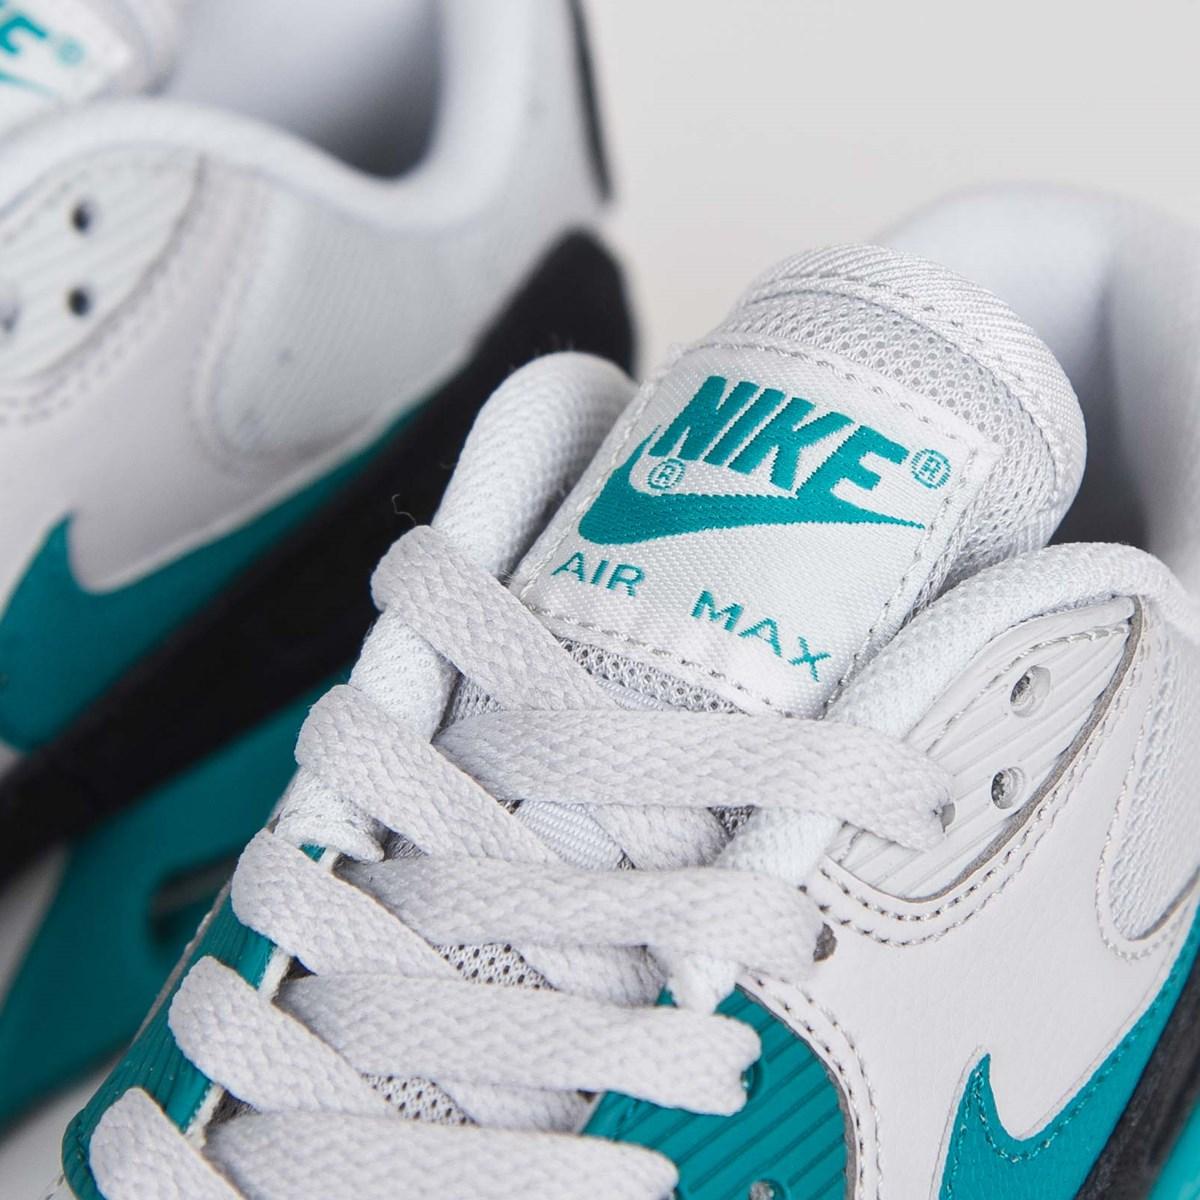 31ab3a847e8b Nike Wmns Air Max 90 Essential - 616730-017 - Sneakersnstuff ...